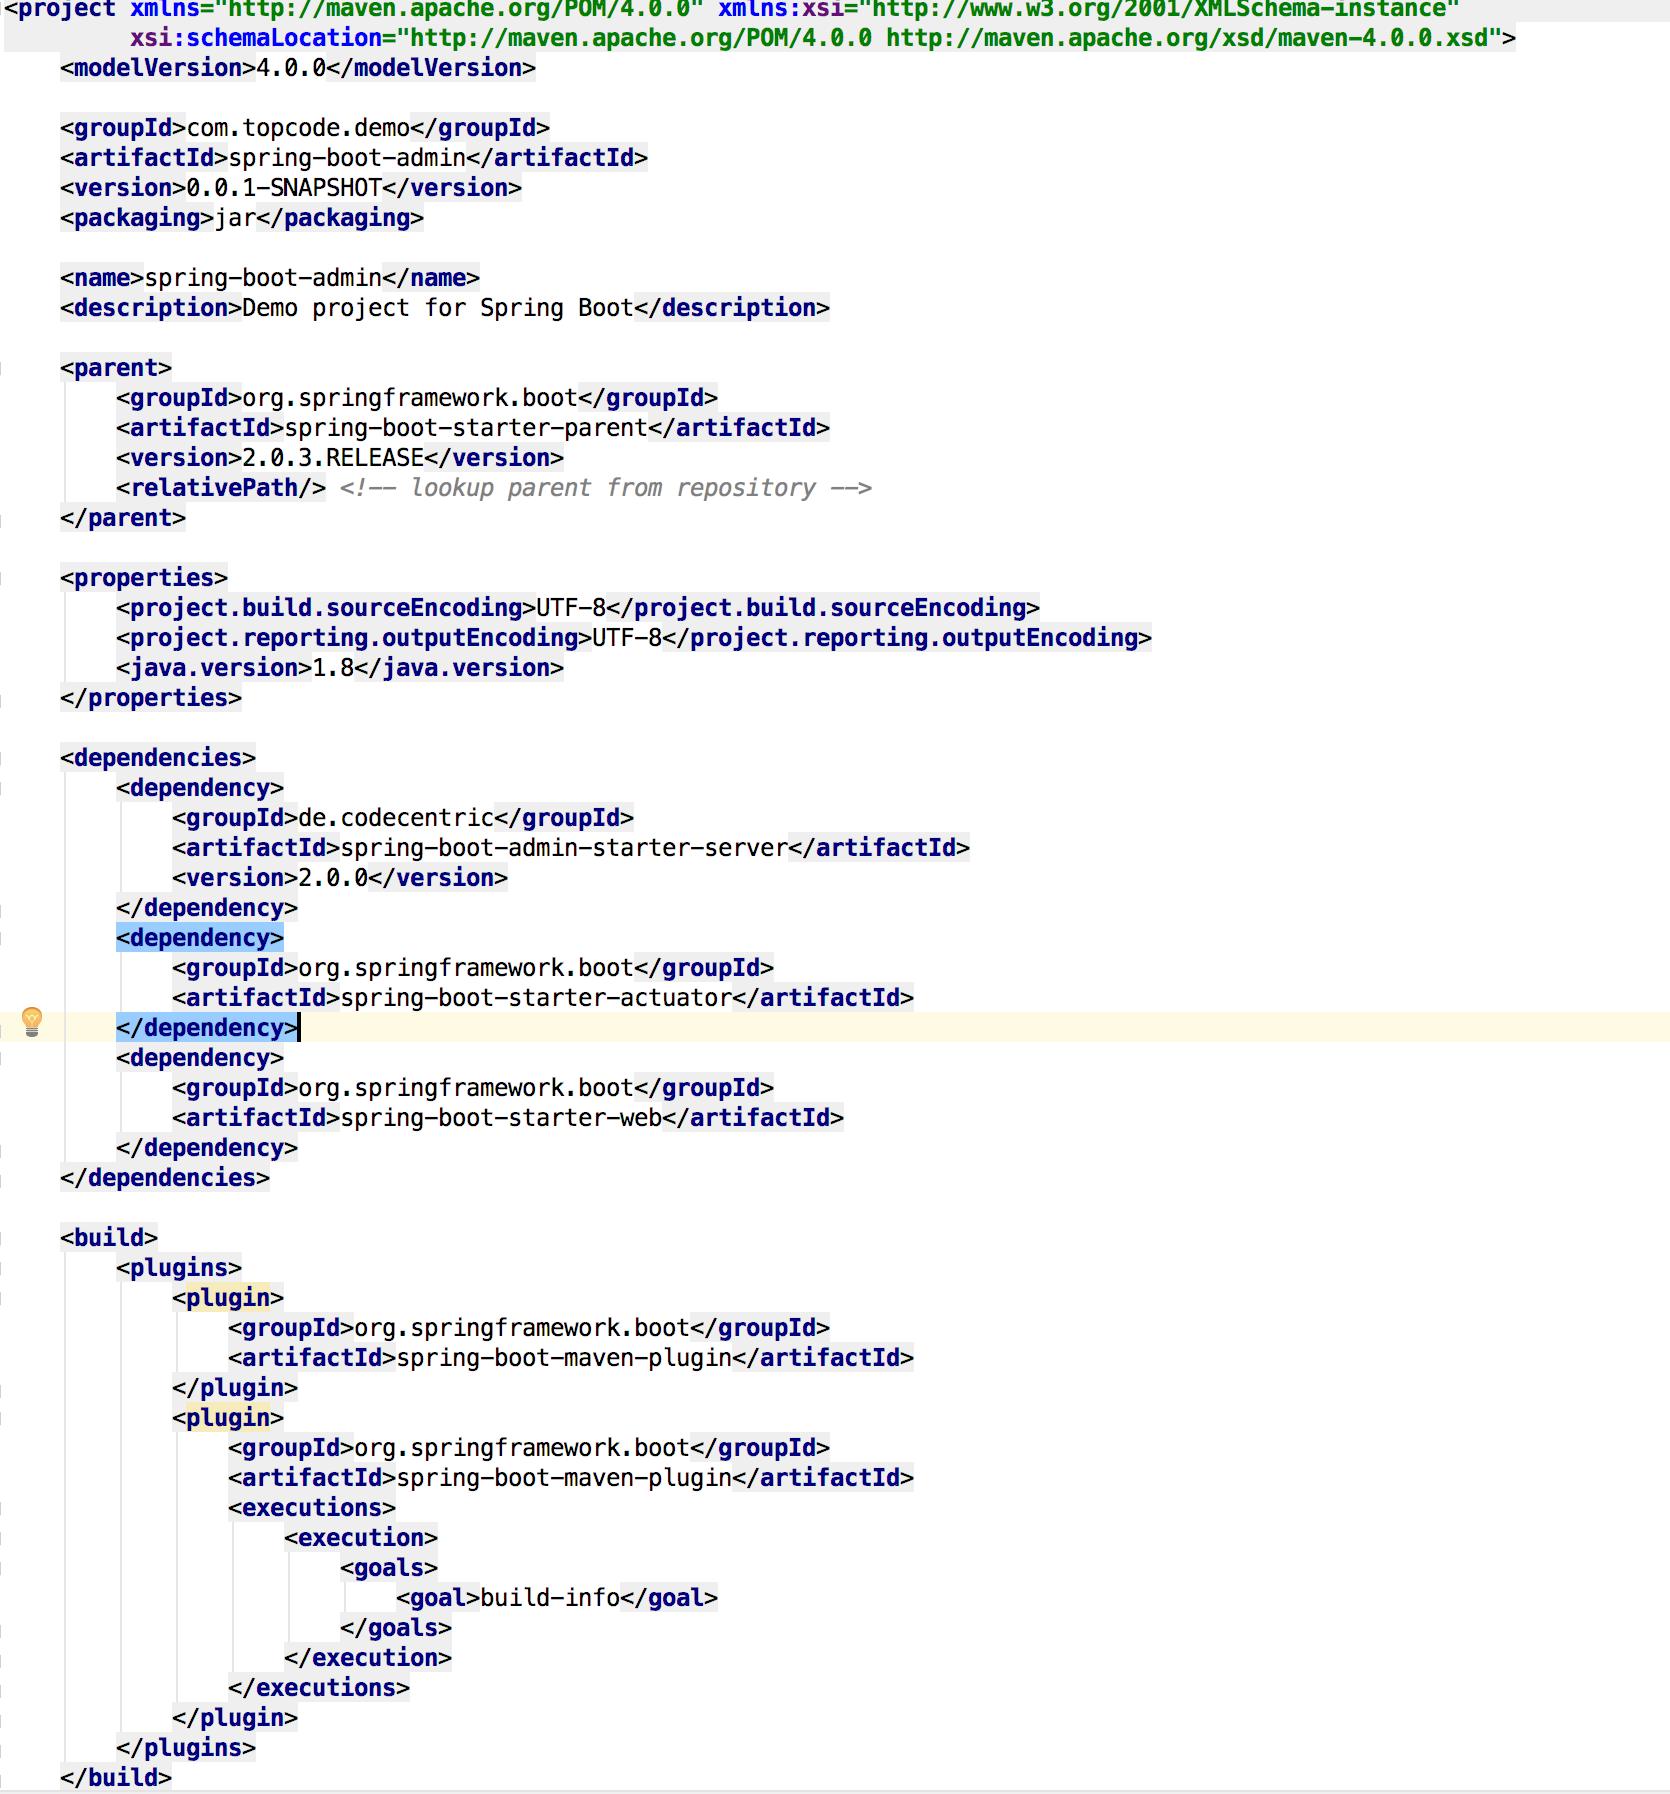 Spring-boot-admin has been running error: java io